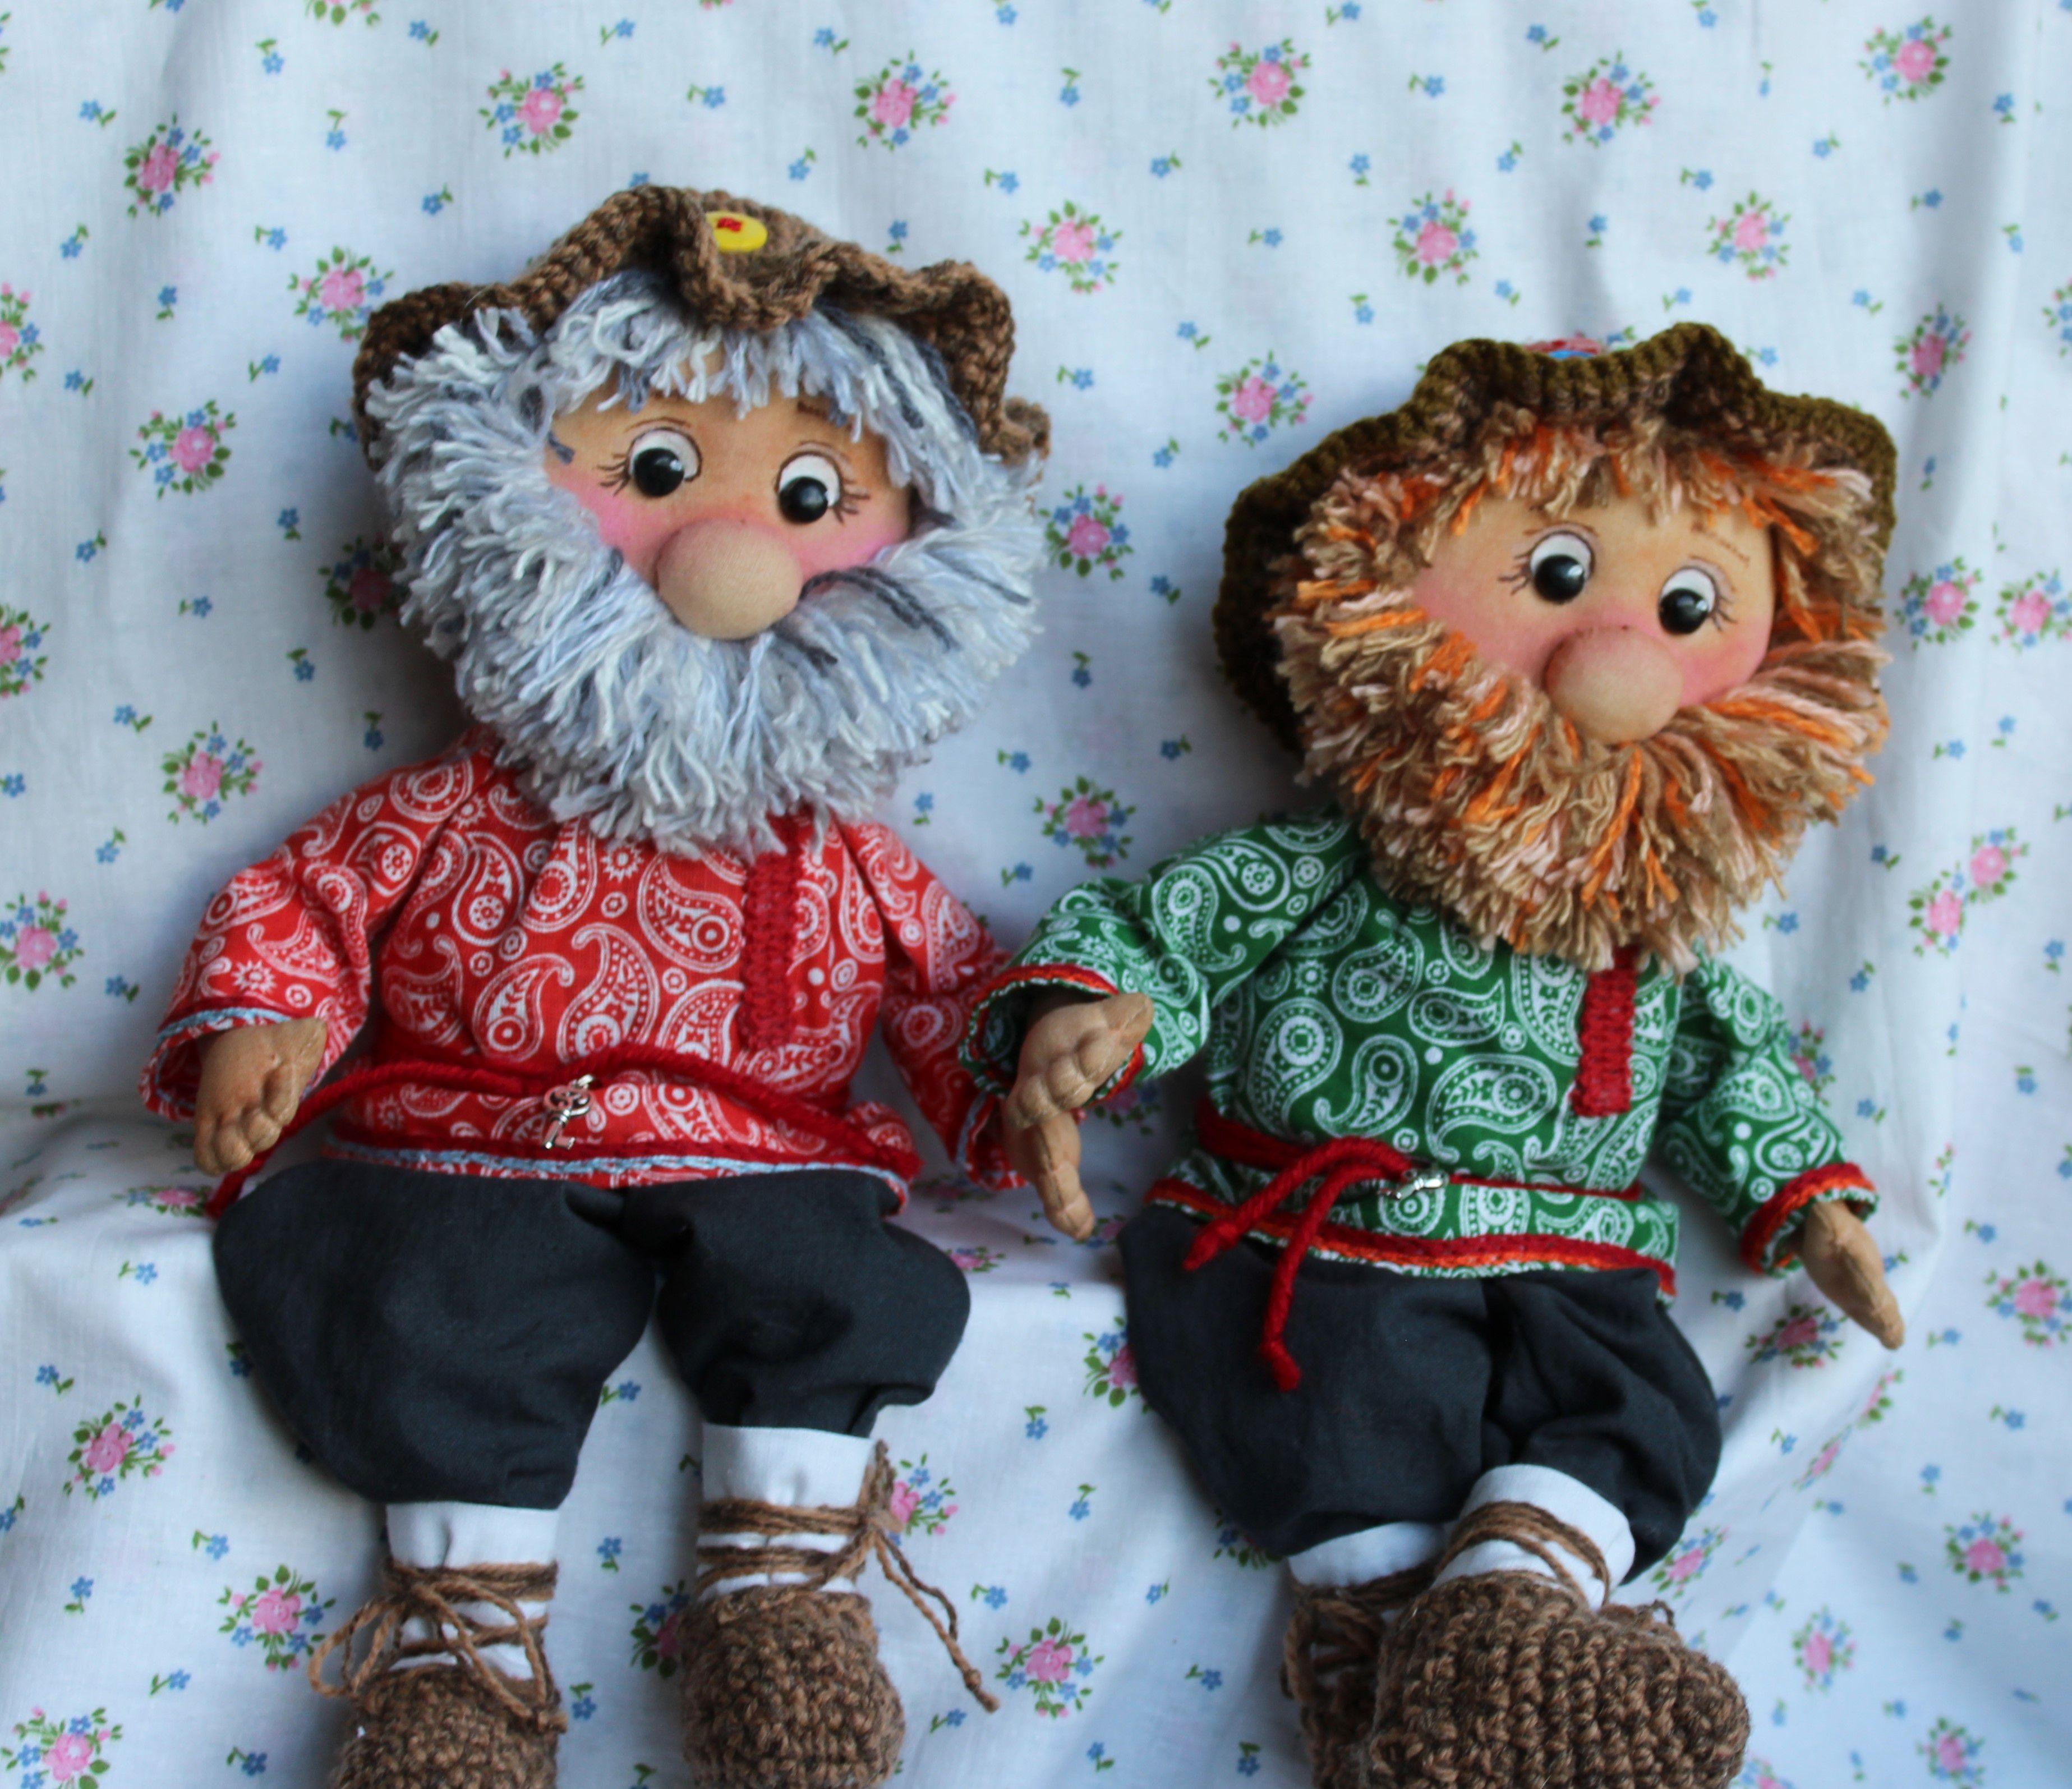 купить хранитель текстильная кукла оберег подарок